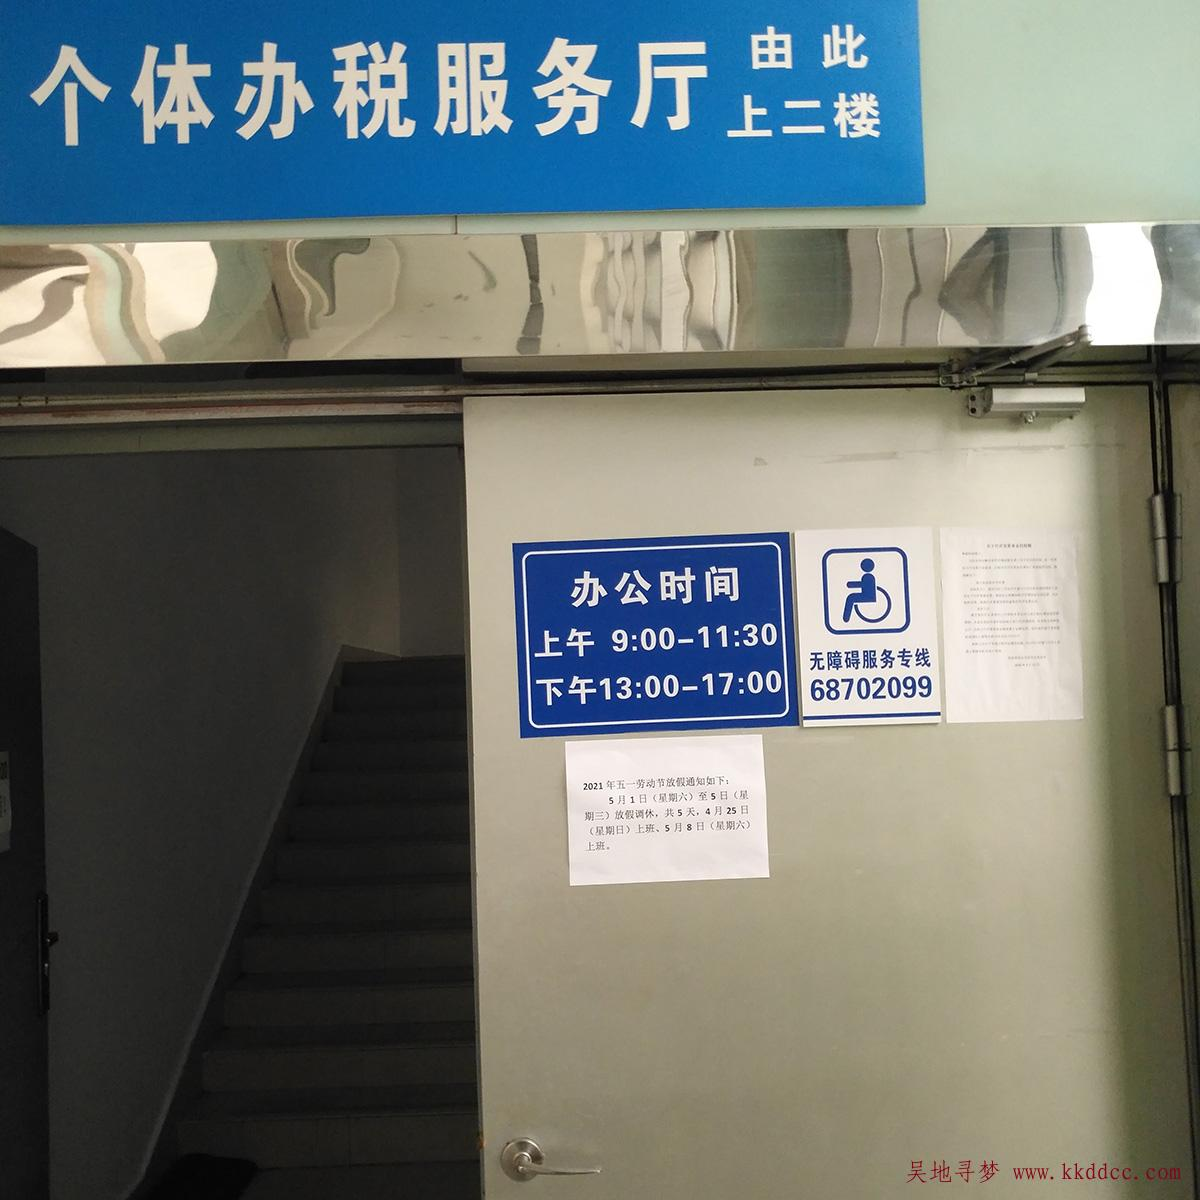 苏州市姑苏区个体/个体工商户办税服务厅办公时间及地址